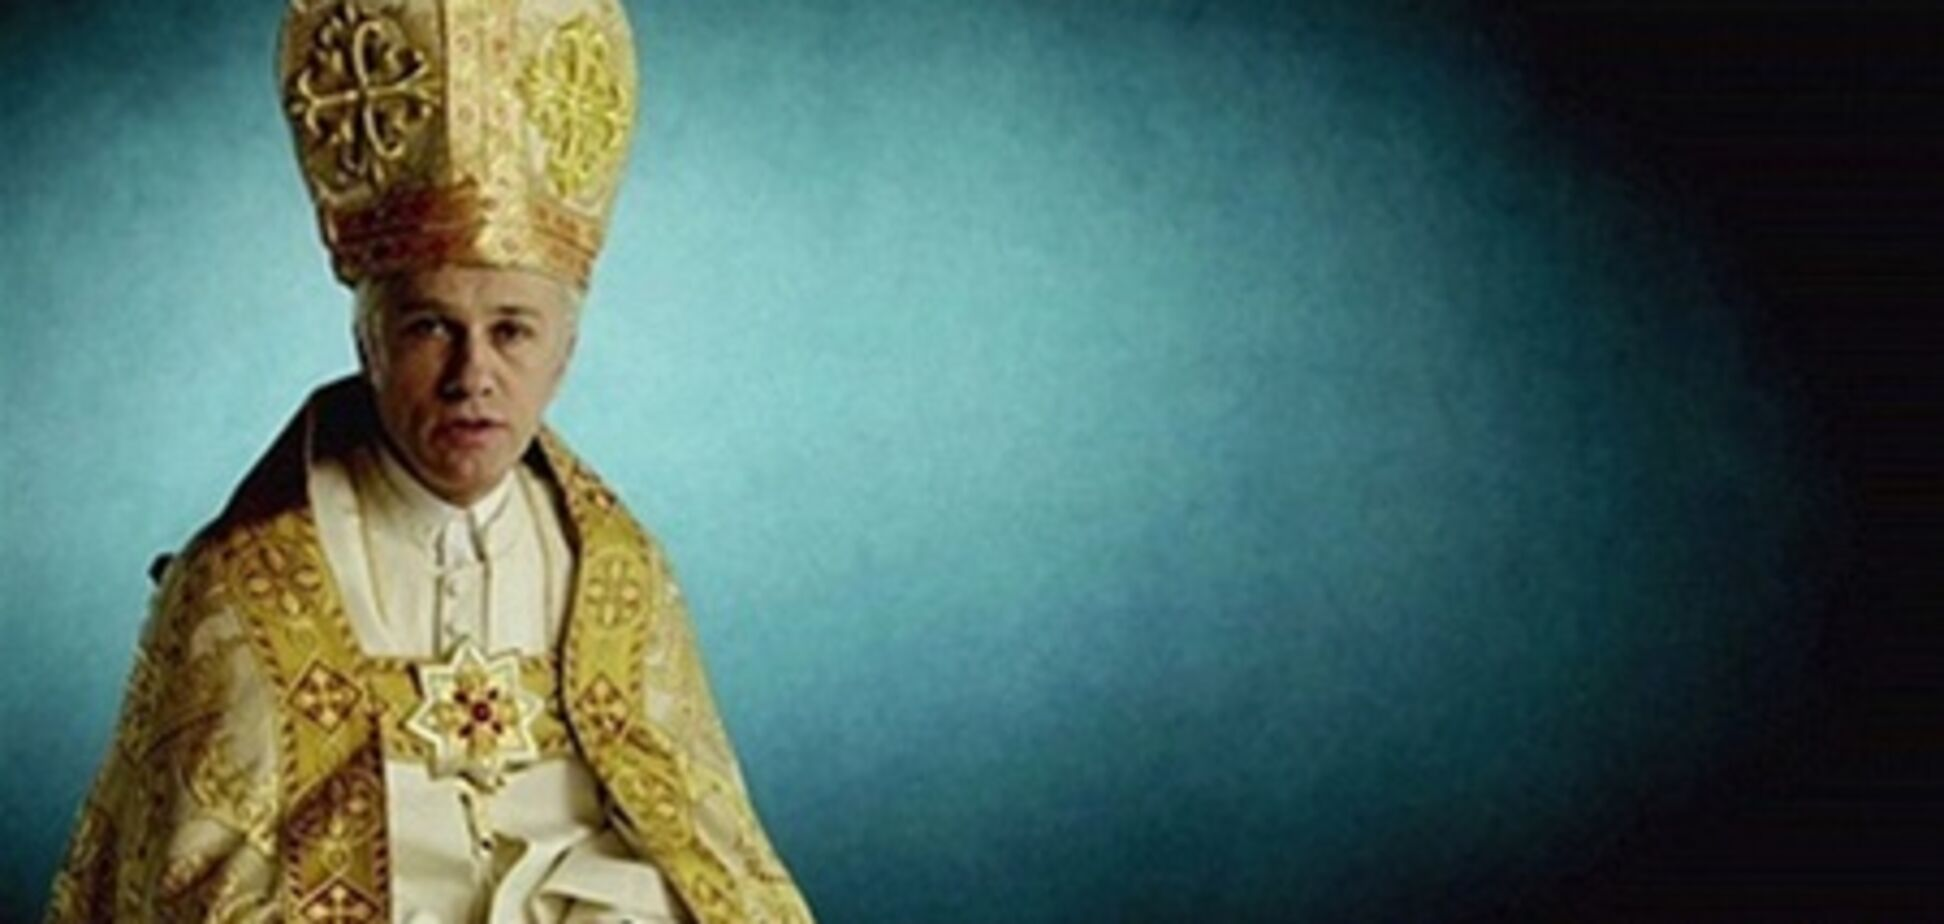 Кристоф Вальц сыграл Папу Римского на пенсии. Видео